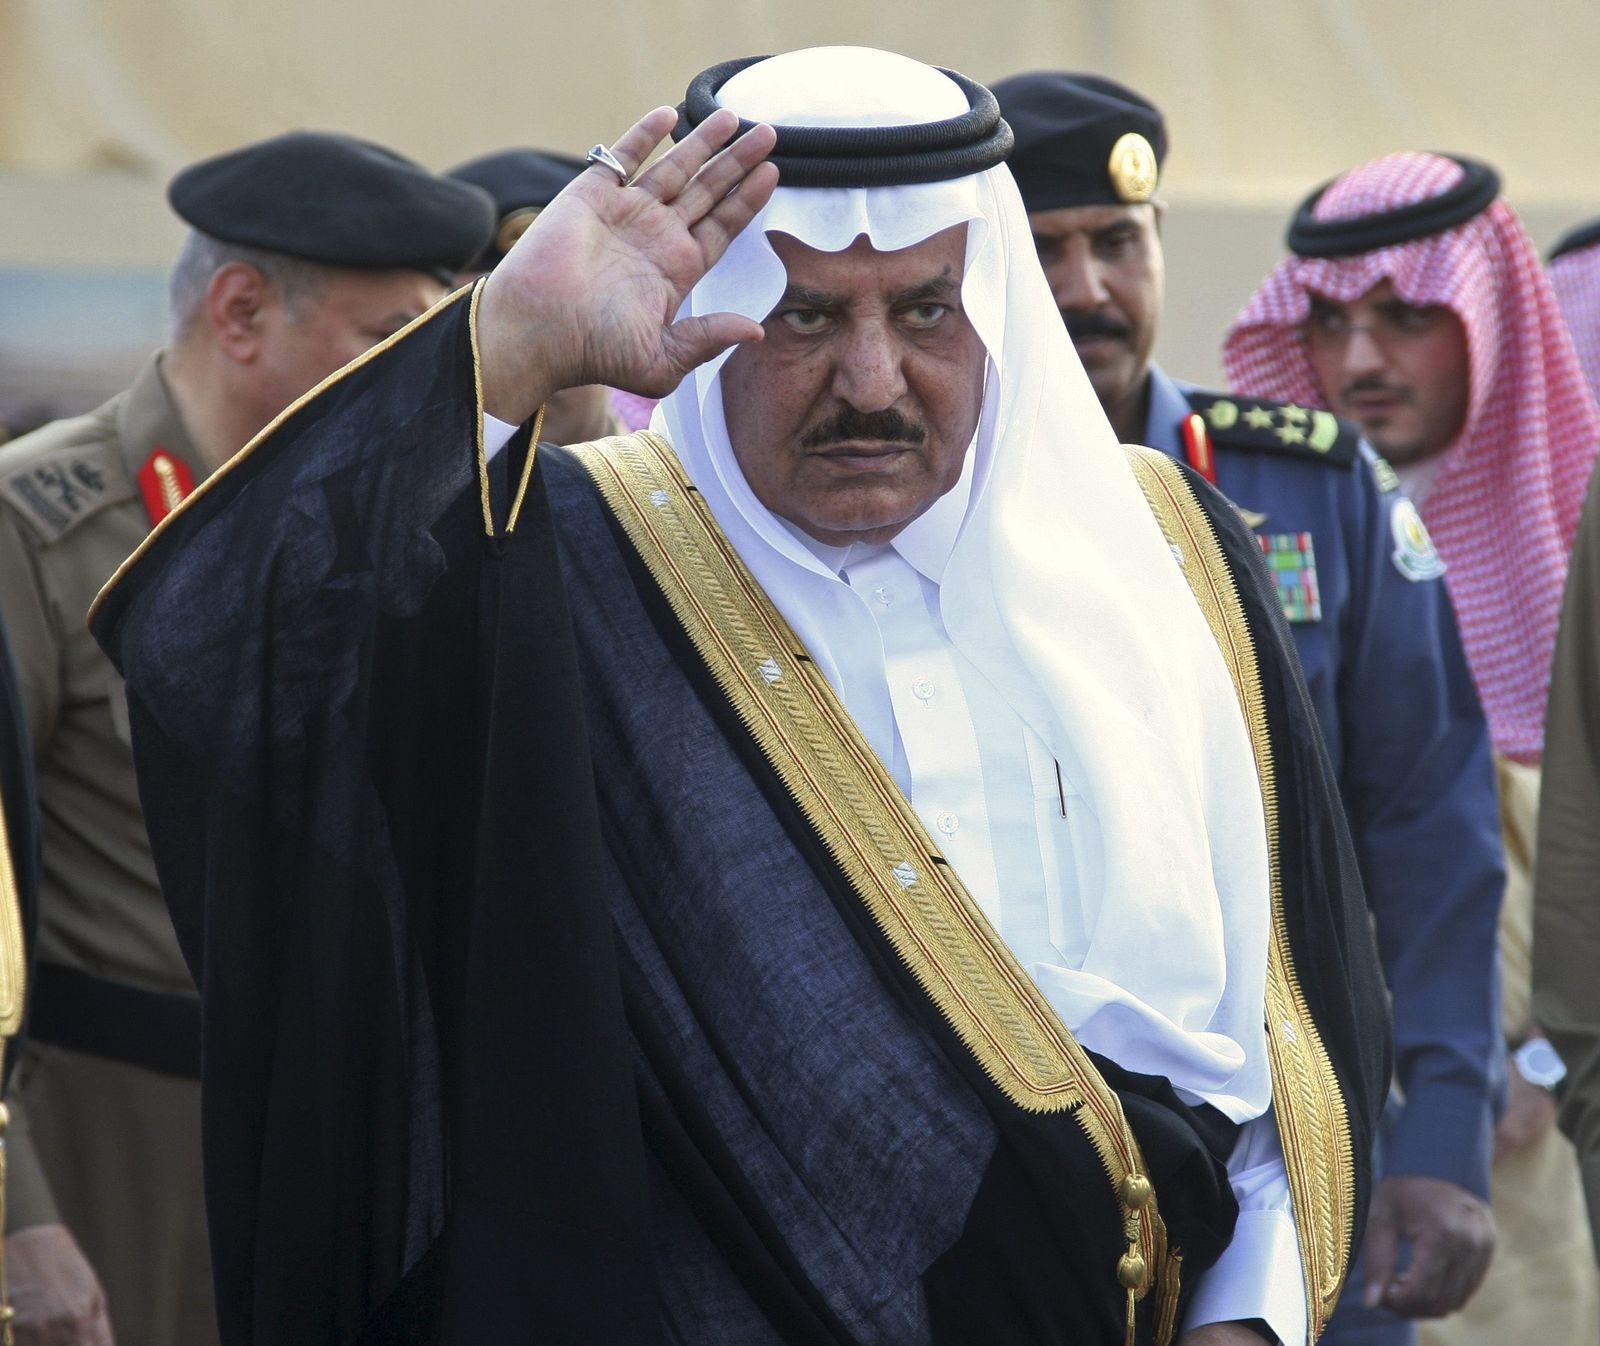 Prince Naif / Nayef / Saudi-Arabien